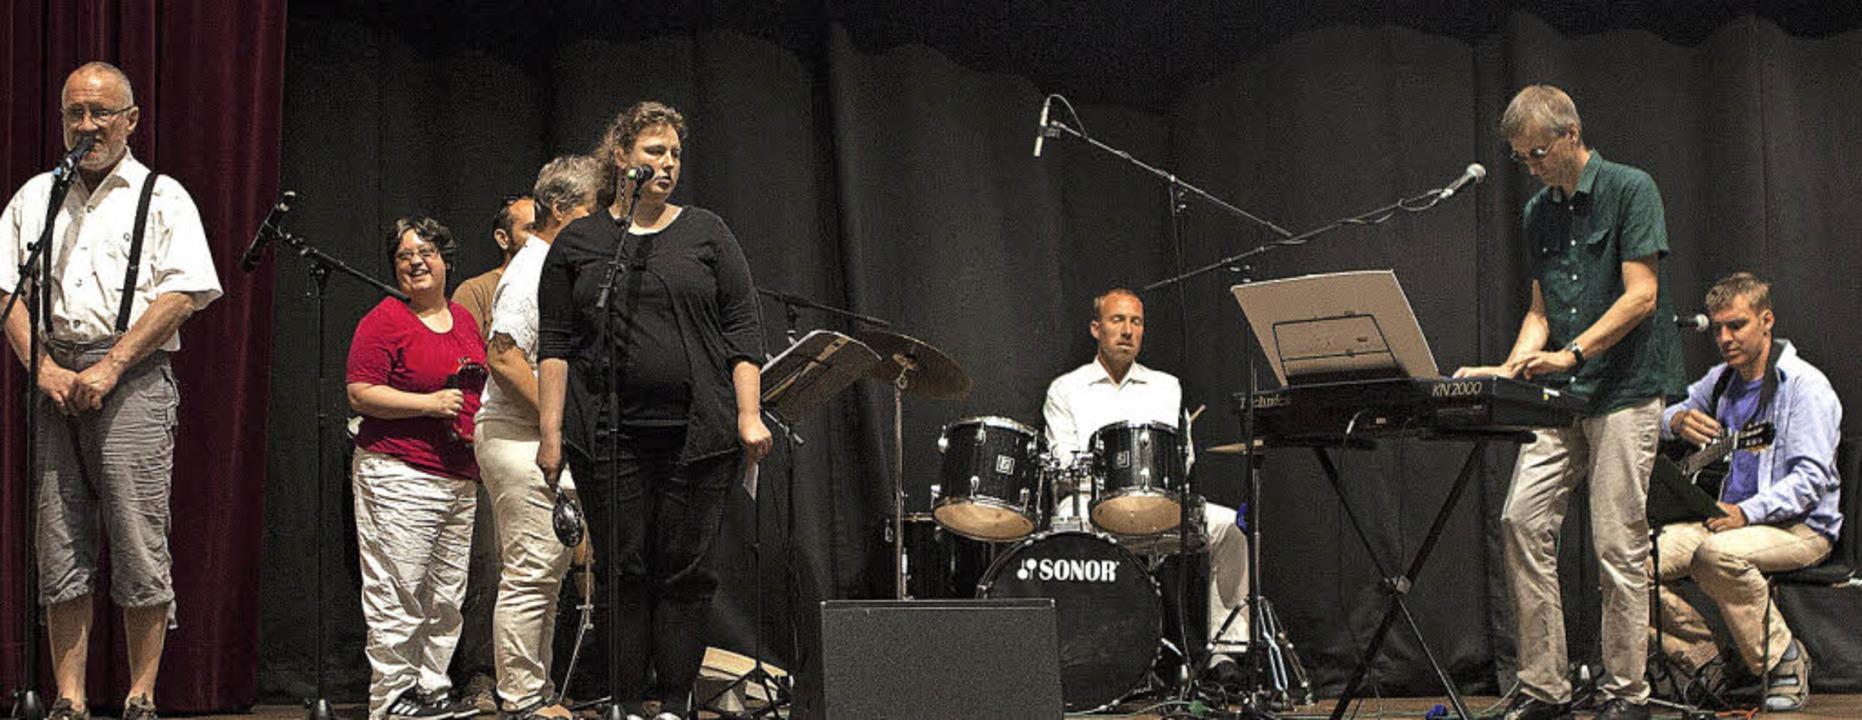 Die sechs Musiker von Handicaps bei ihrem Auftritt in Reutlingen.     Foto: Sarah Nöltner